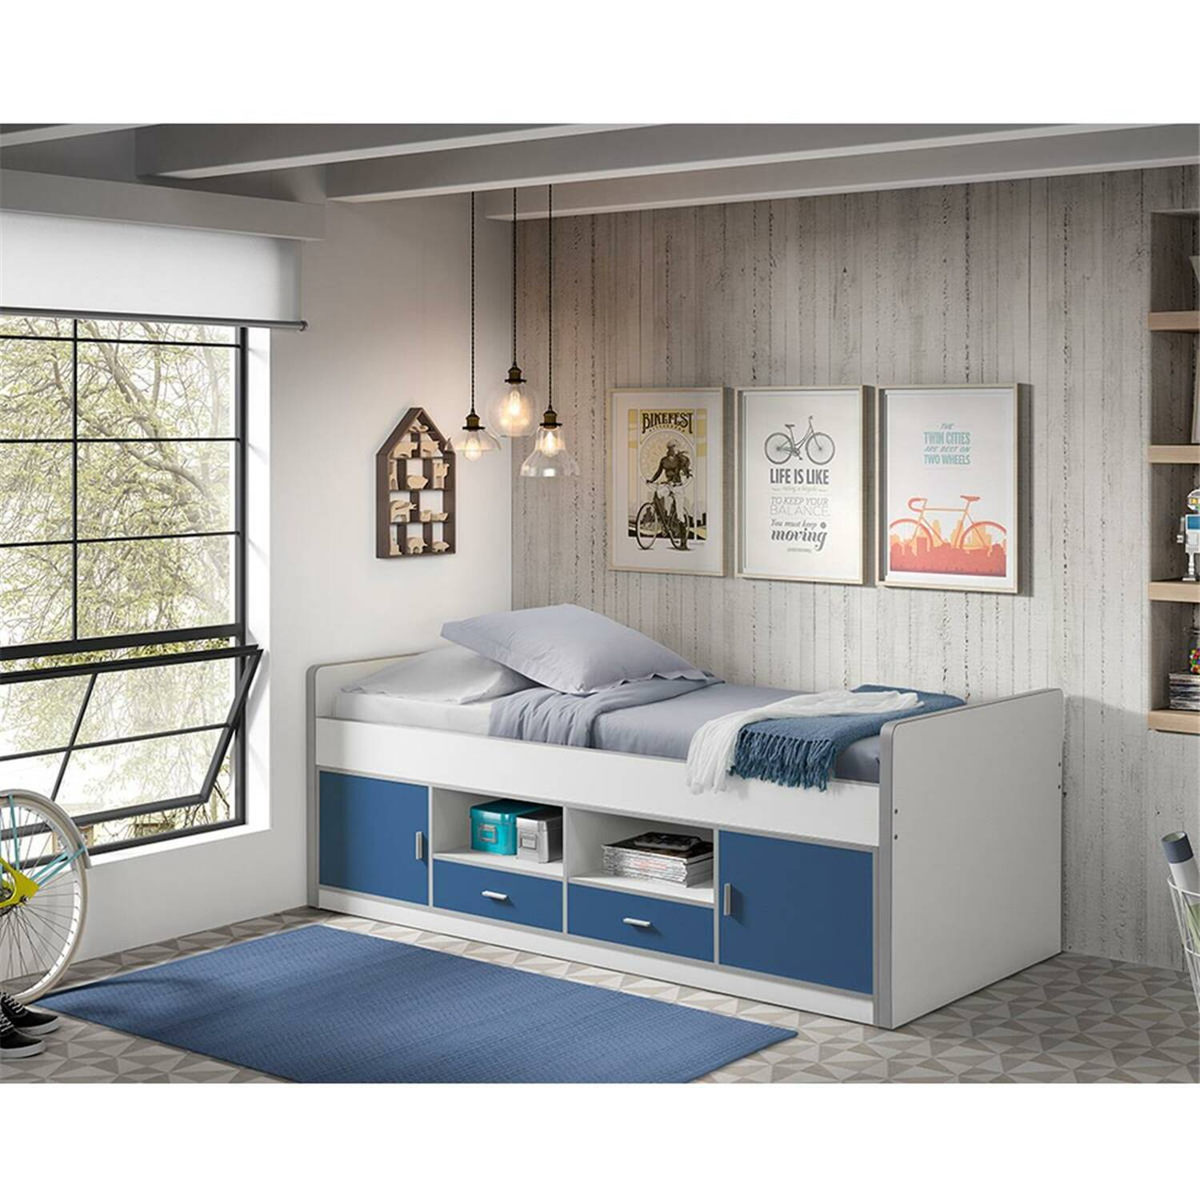 Kinderbett Jugendbett BONNY-12, 90x200cm, Weiß Blau